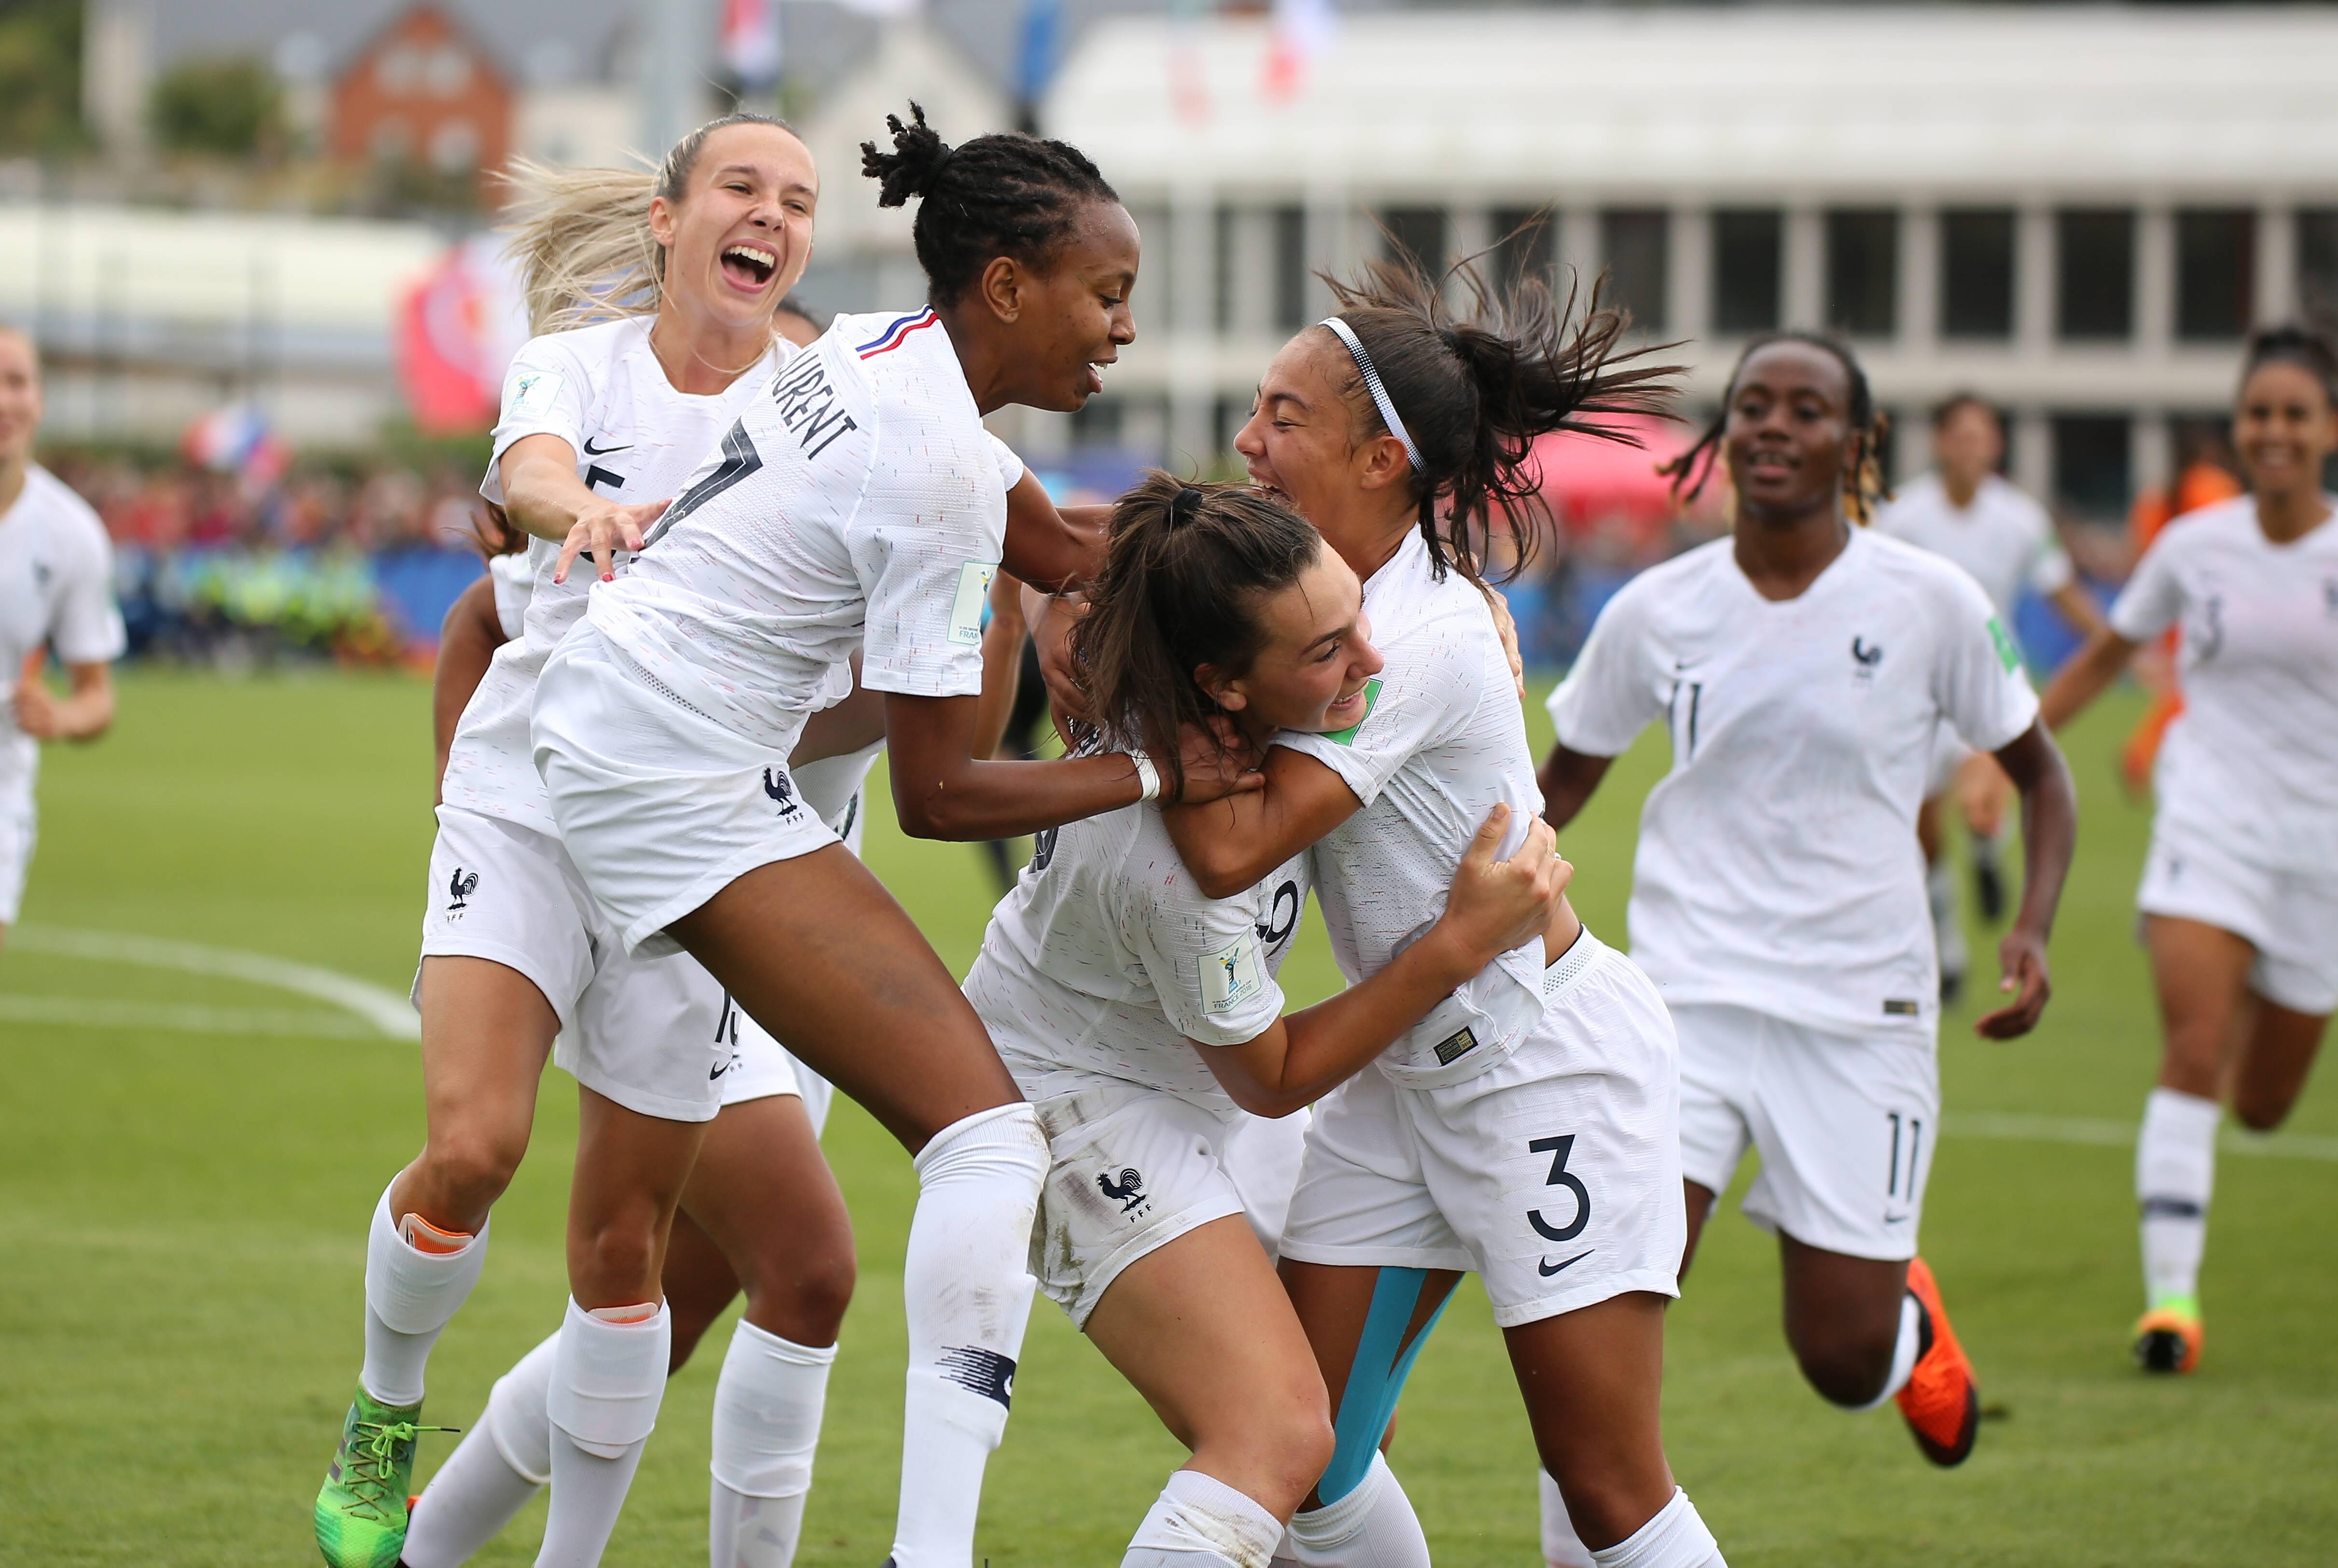 Football - Equipe de France - Mondial U20 Féminin : Les Bleuettes à une marche de la finale